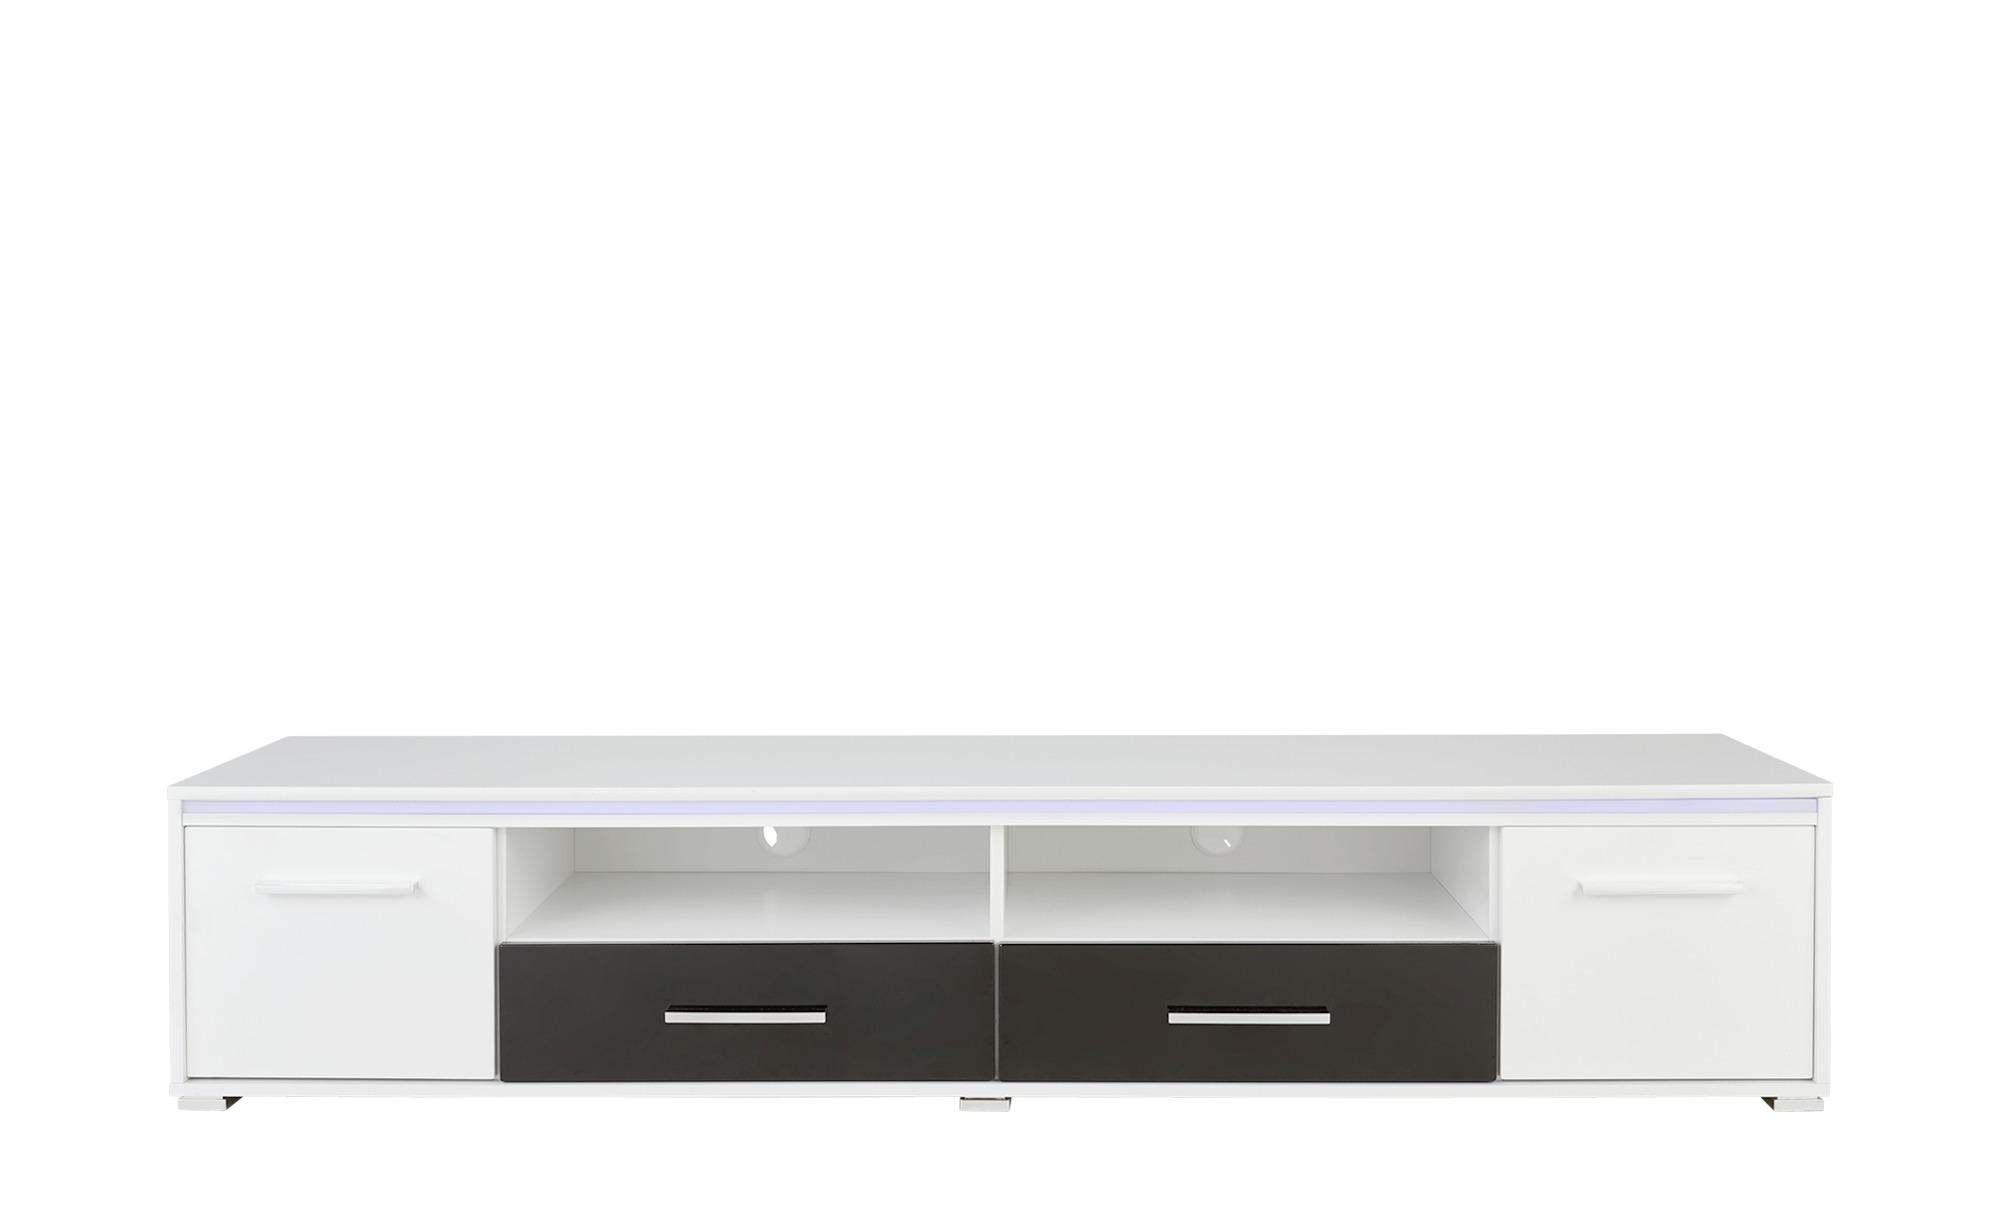 TV-Lowboard - weiß - 188 cm - 38 cm - 45 cm - Sconto | Wohnzimmer > TV-HiFi-Möbel > TV-Lowboards | Sconto